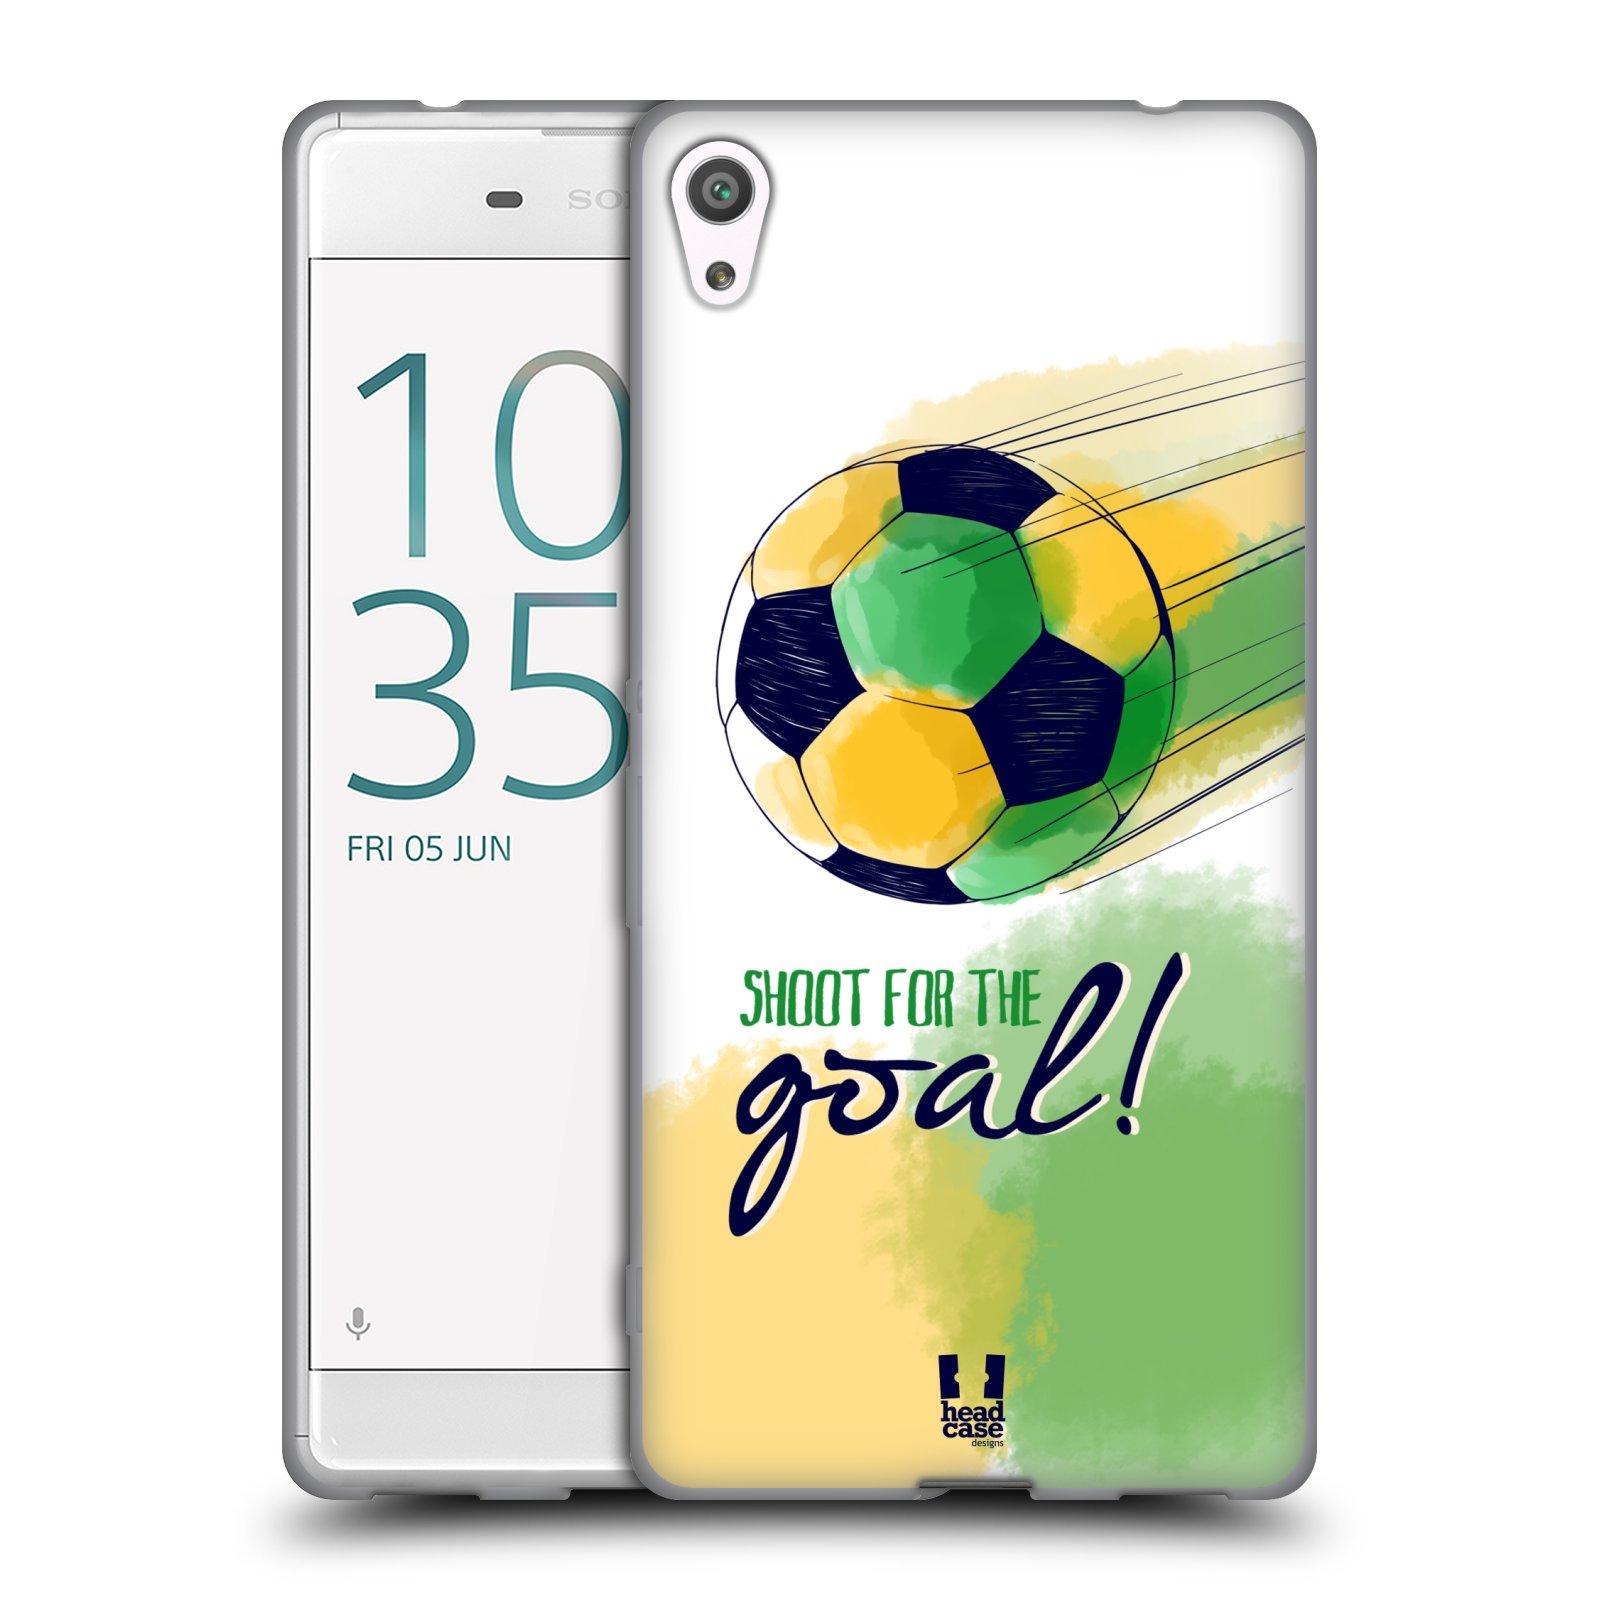 HEAD CASE silikonový obal na mobil Sony Xperia XA ULTRA Sport fotbalový gól zelená barva